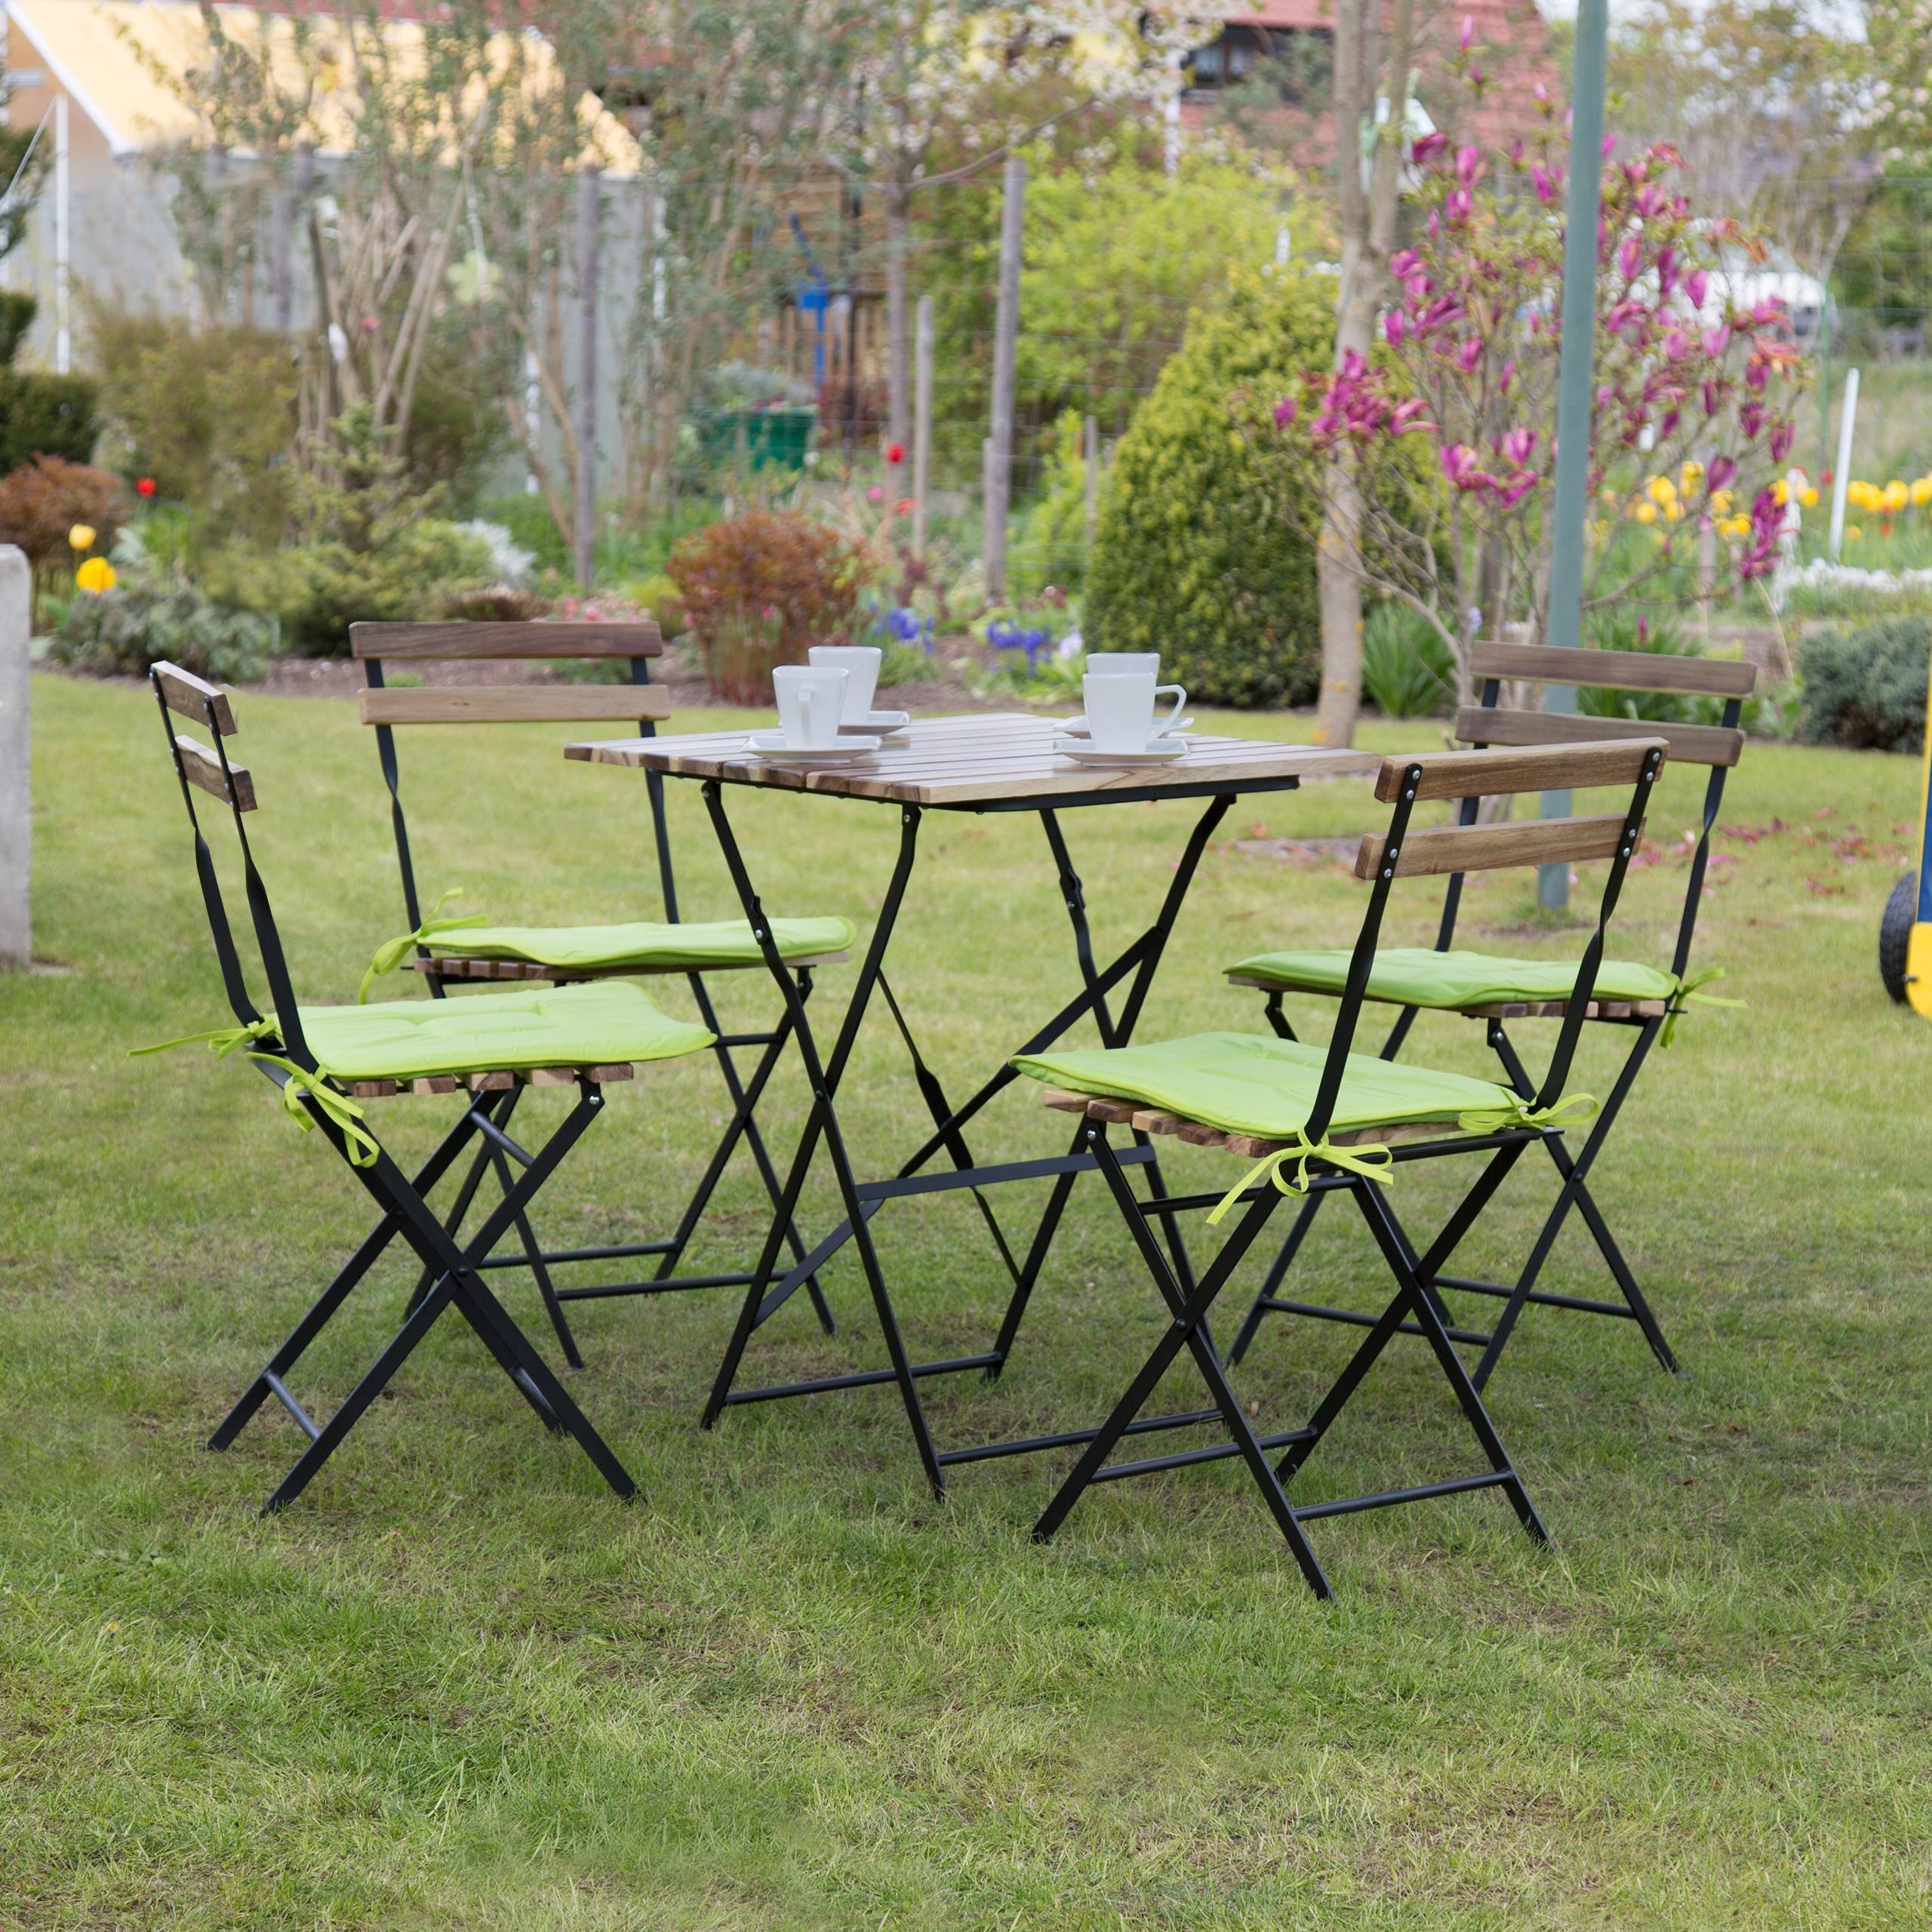 40 x 40 cm etc. Wohnzimmer Haus Hof F/üllung aus Fasern leicht zu reinigen f/ür K/üche Bezug aus Baumwolle BCASE Set mit 6 Sitzkissen und Stuhlkissen bequem strapazierf/ähig Garten Terrasse